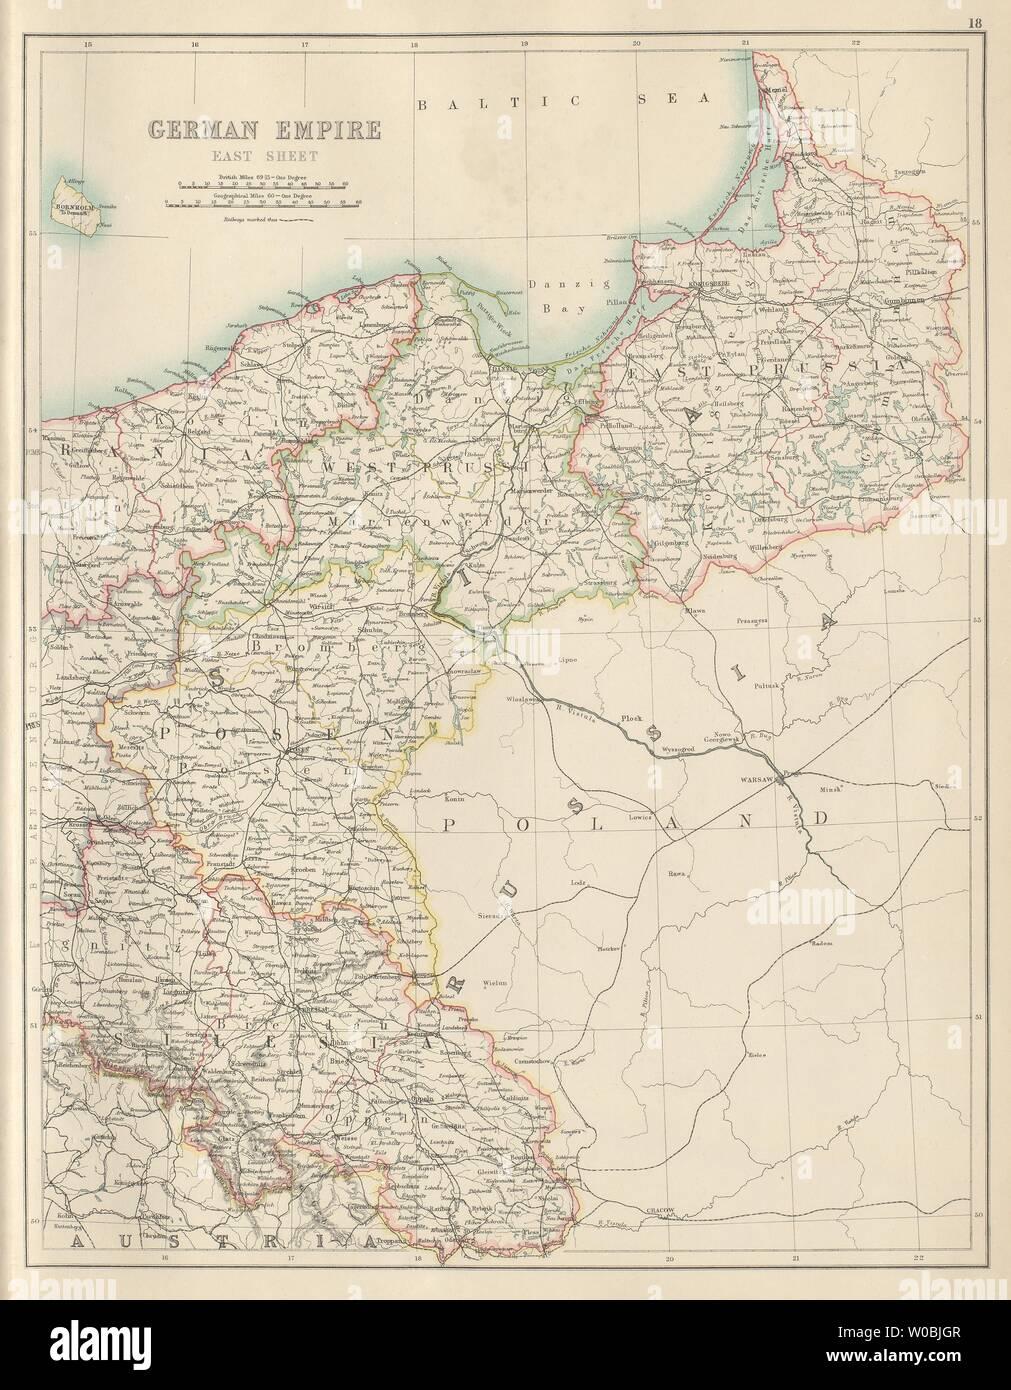 Polen Schlesien Karte.Deutsches Reich Osten Deutschland Polen Preußen Schlesien Posen